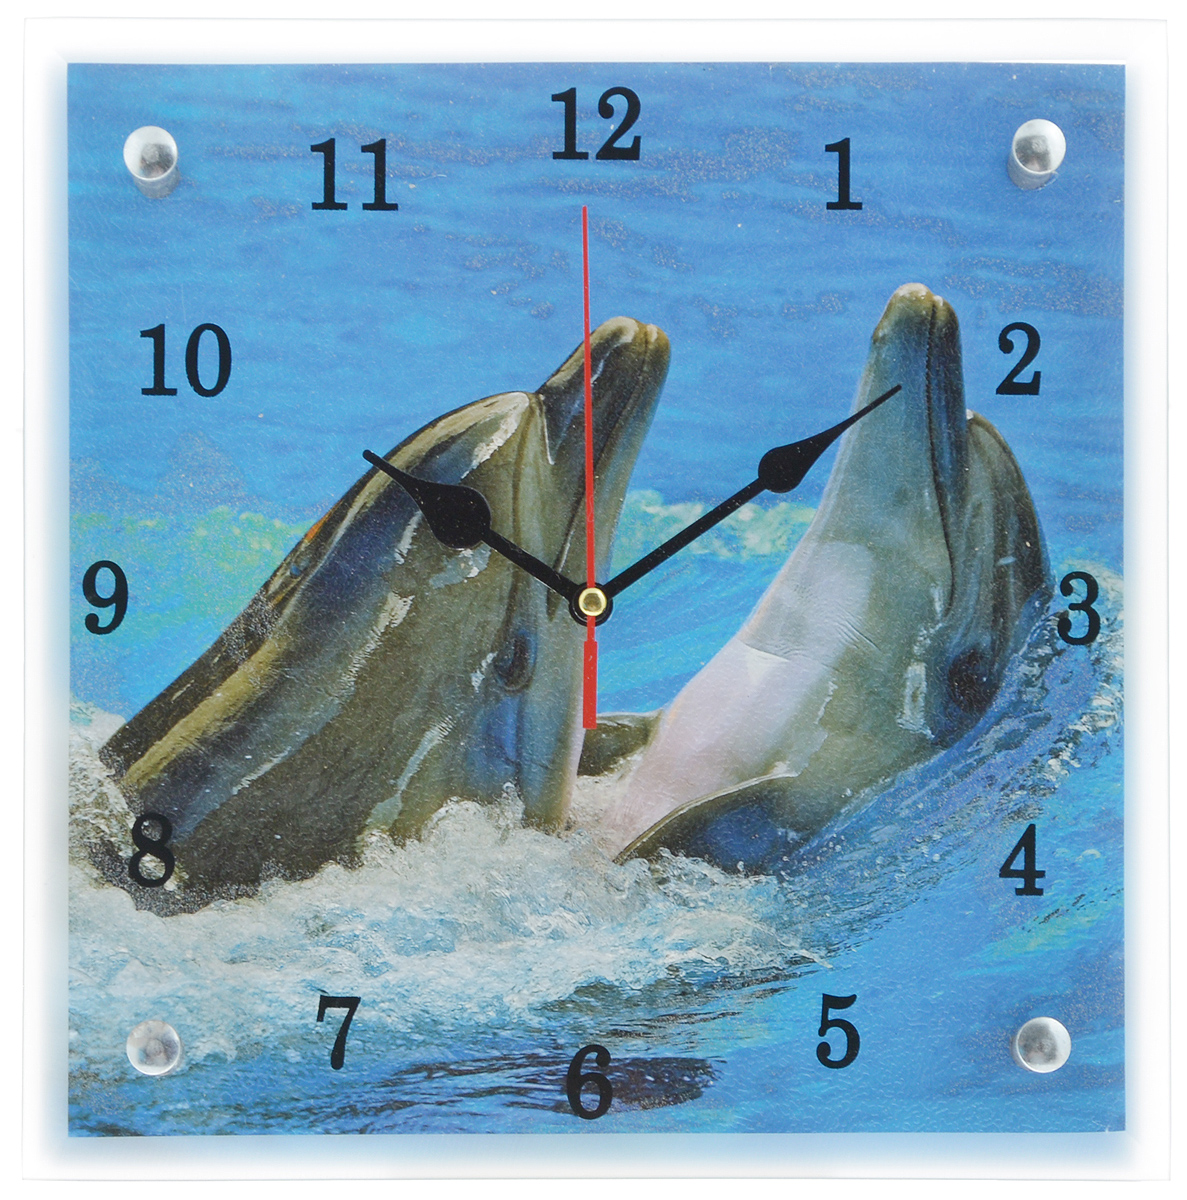 Часы настенные Proffi Home Дельфины, 25 х 25 см300074_ежевикаНастенные кварцевые часы Proffi Home Дельфины, изготовленные из ДВП и стекла, прекрасно подойдут под интерьер вашего дома. Квадратные часы имеют три стрелки: часовую, минутную и секундную. Часы оснащены металлической петелькой для подвешивания. Часы работают от 1 батарейки типа АА напряжением 1,5 В (не входит в комплект).Размер часов: 25 х 25 х 3,5 см.